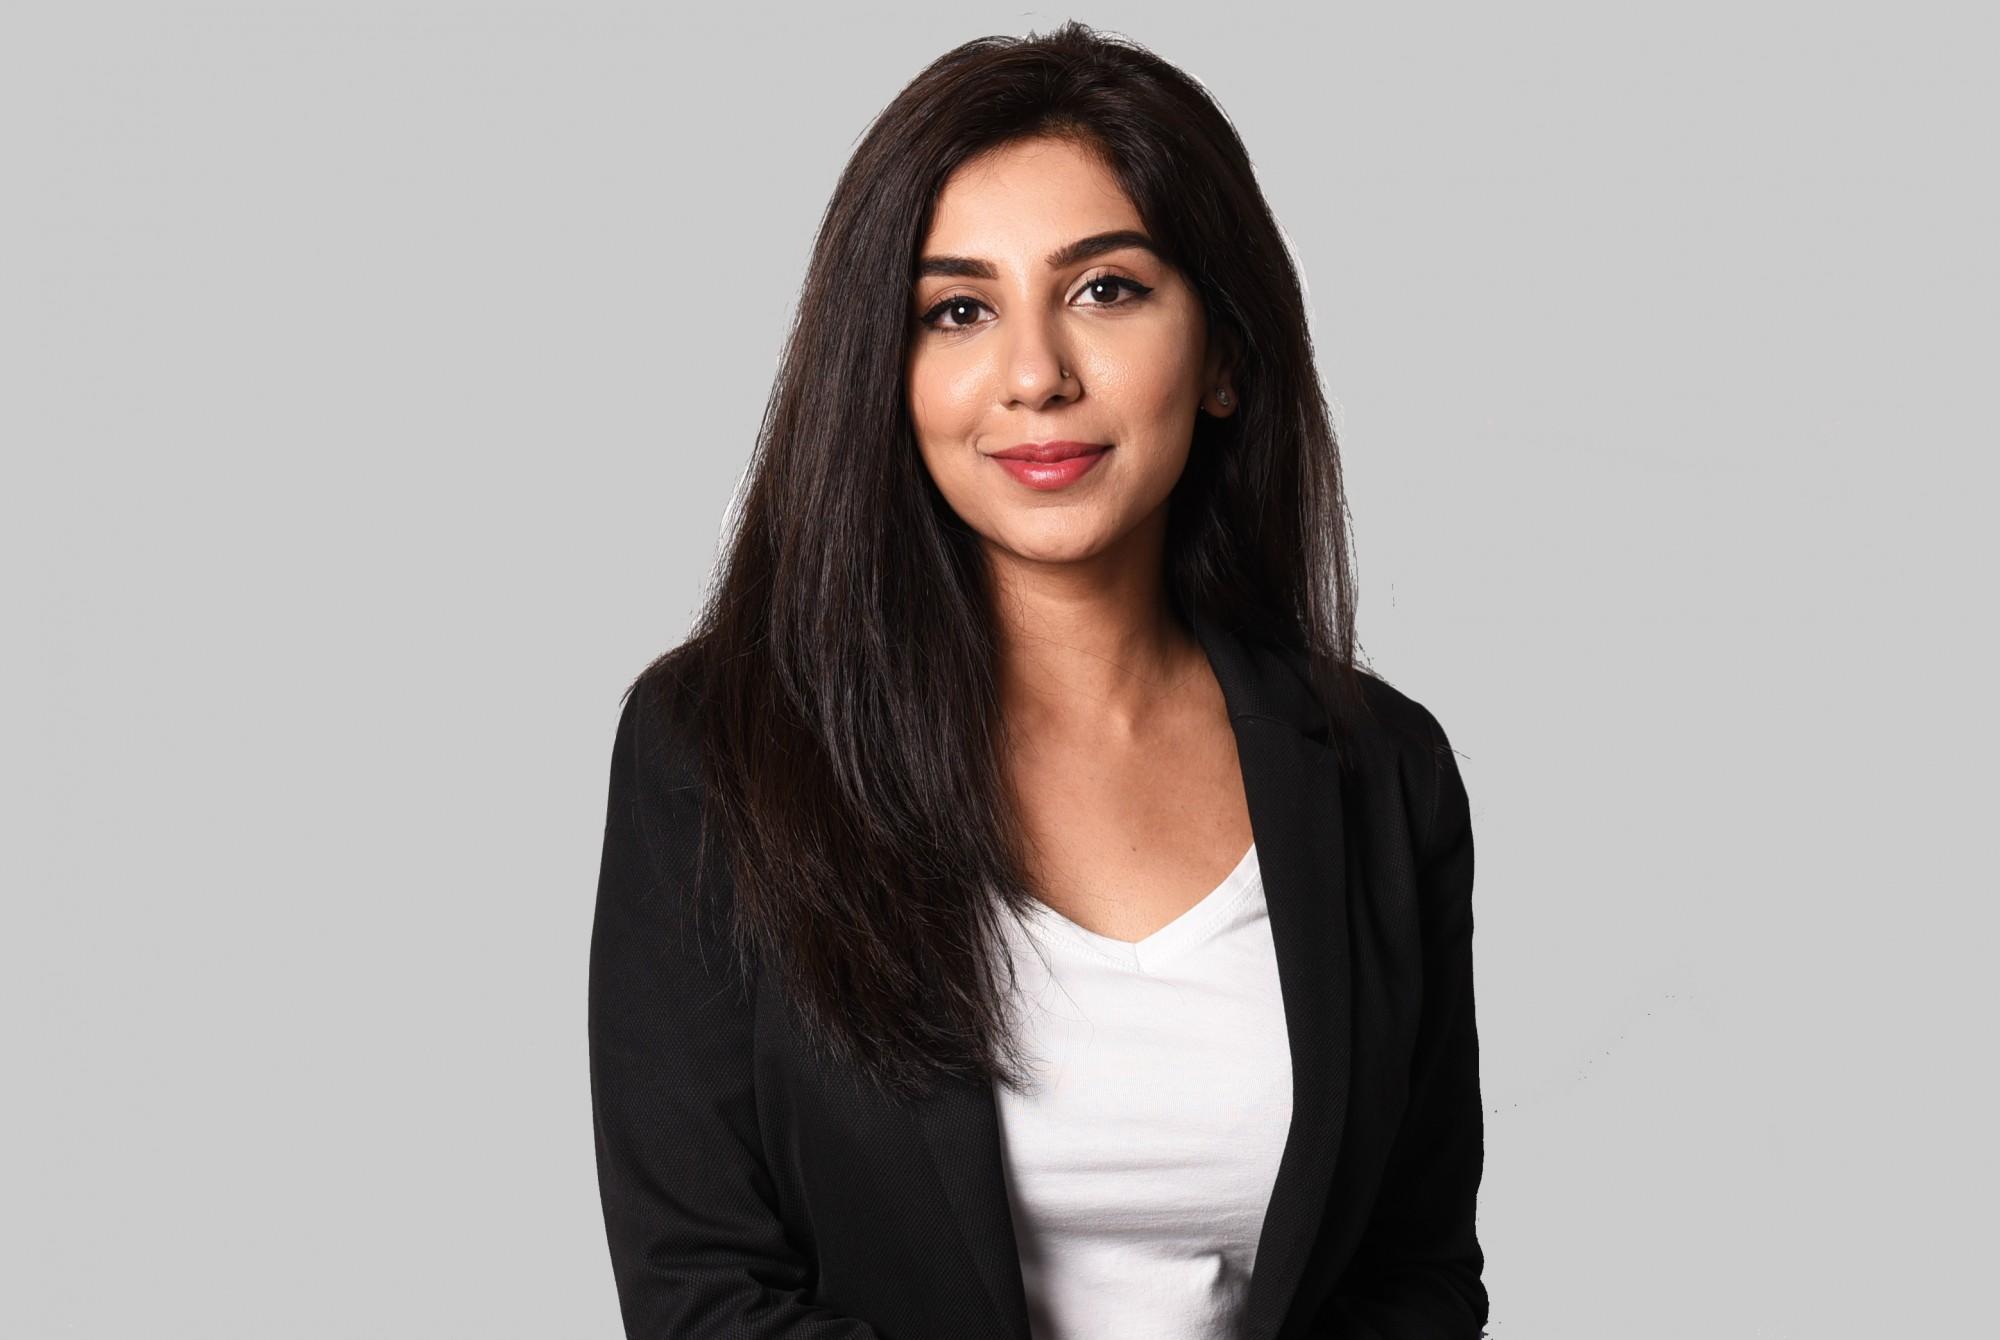 Mariam Arshad